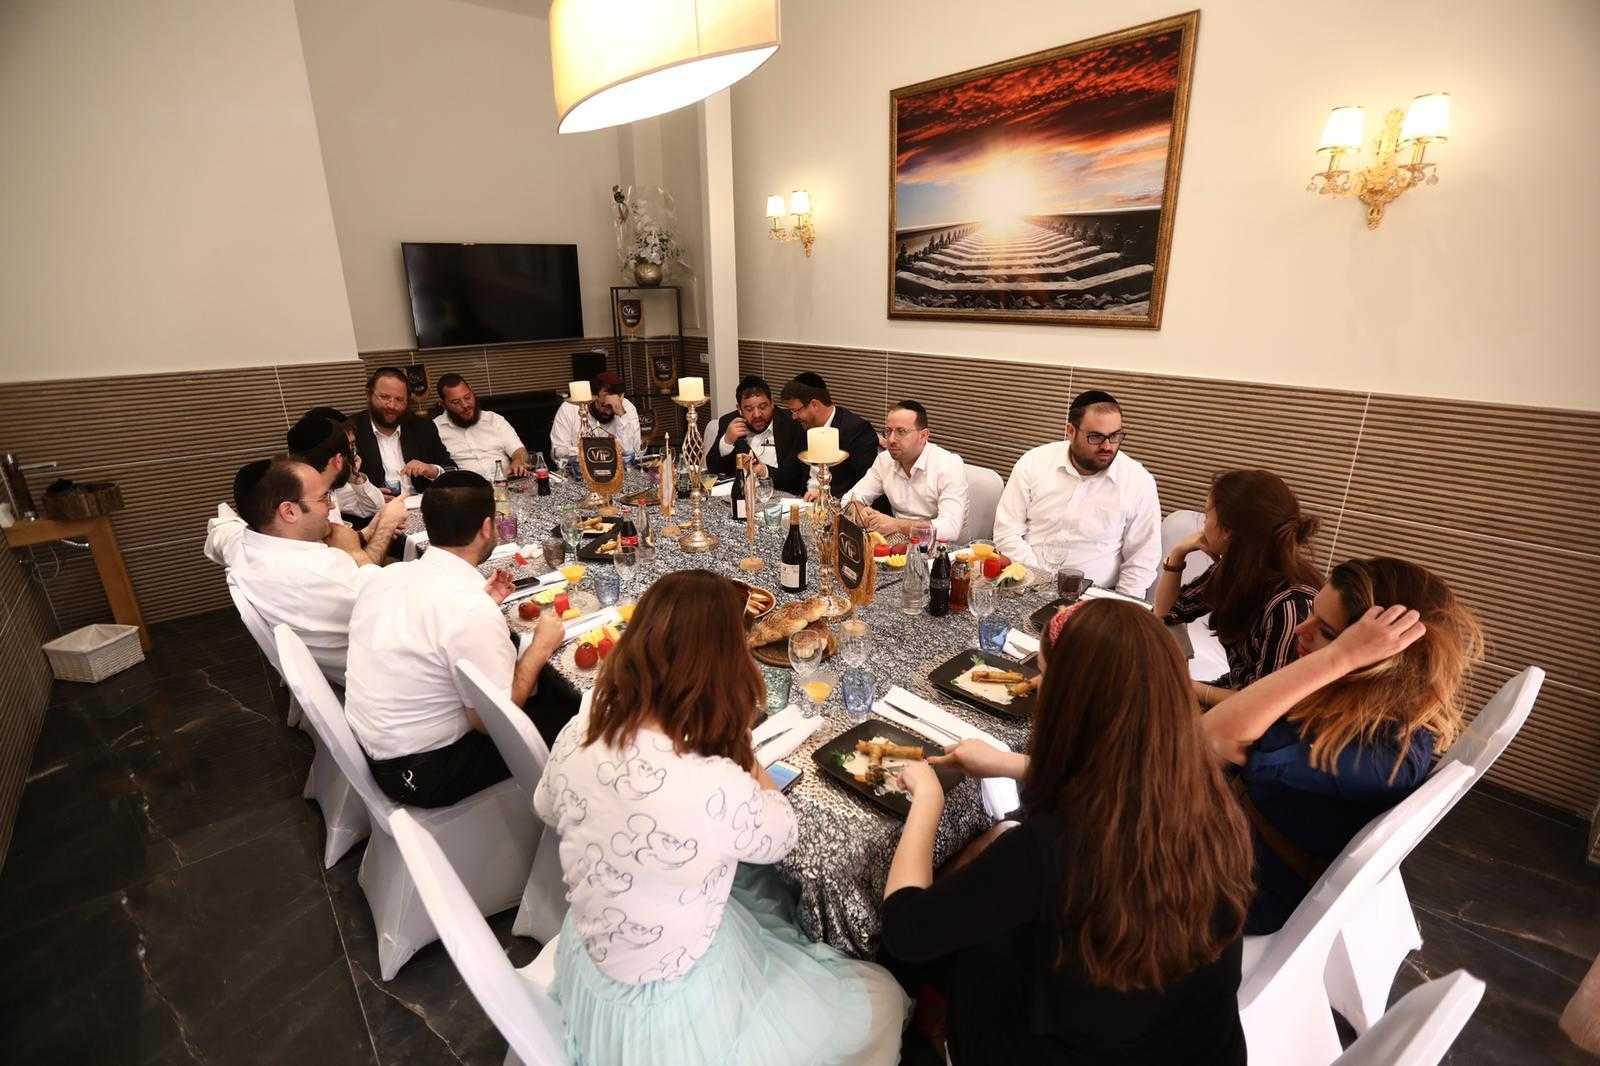 סיקור מצולם: עיתונאים חרדים באירוע השקה לחדר VIP במסעדה היהודית 13